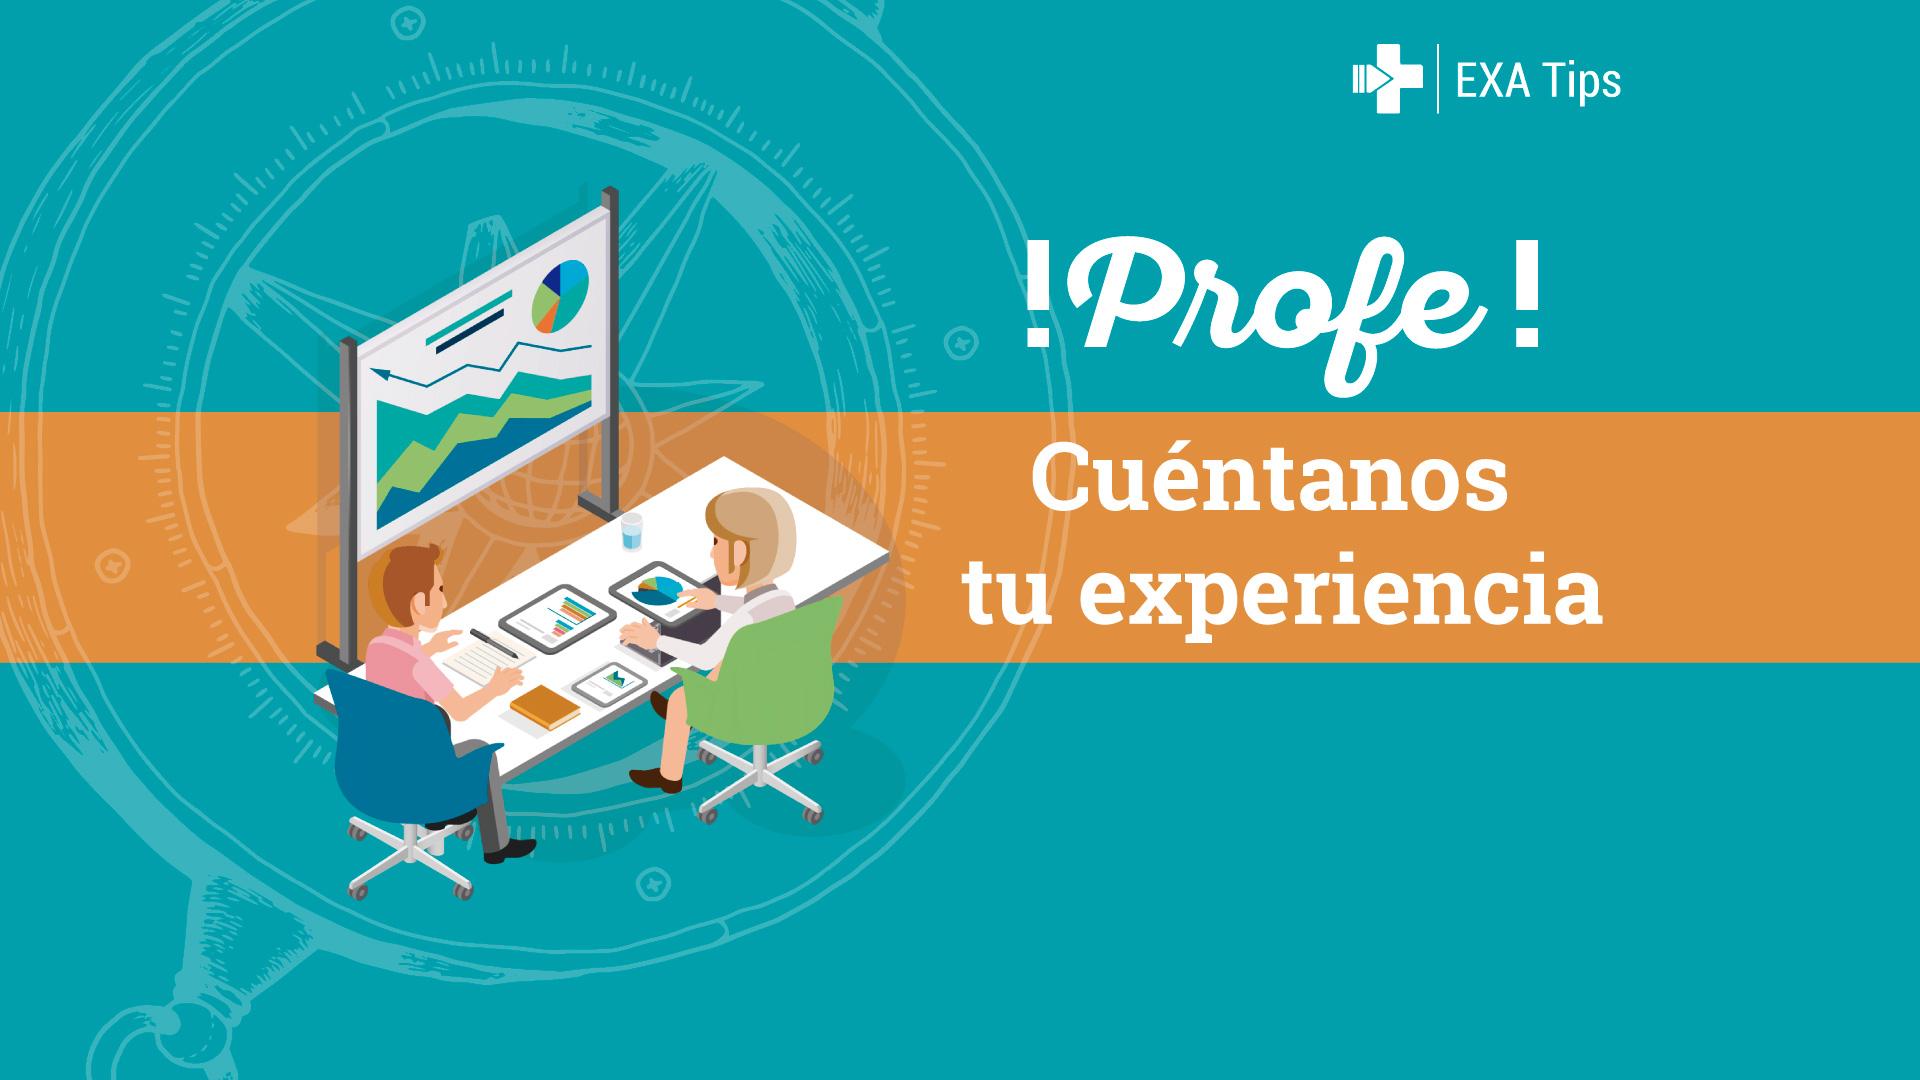 exatips_cuentanos_tu_experiencia_profe